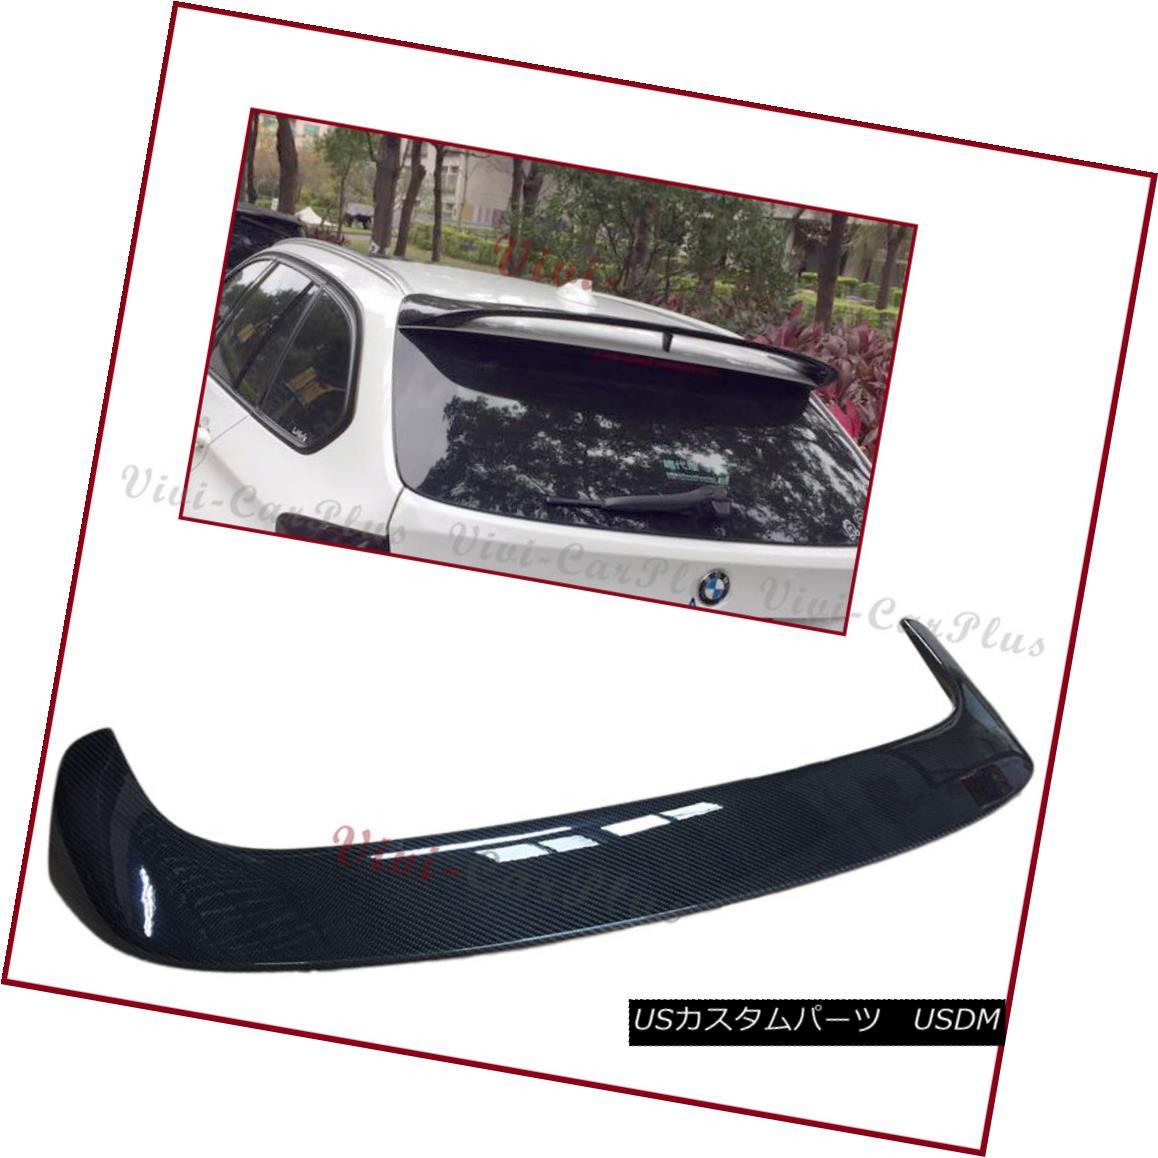 エアロパーツ P Look Carbon Fiber Roof Spoiler Wing Lip For 13-17 BMW F31 3-Series Touring 5DR Pルックカーボンファイバールーフスポイラーウイングリップ13-17 BMW F31 3シリーズツーリング5DR